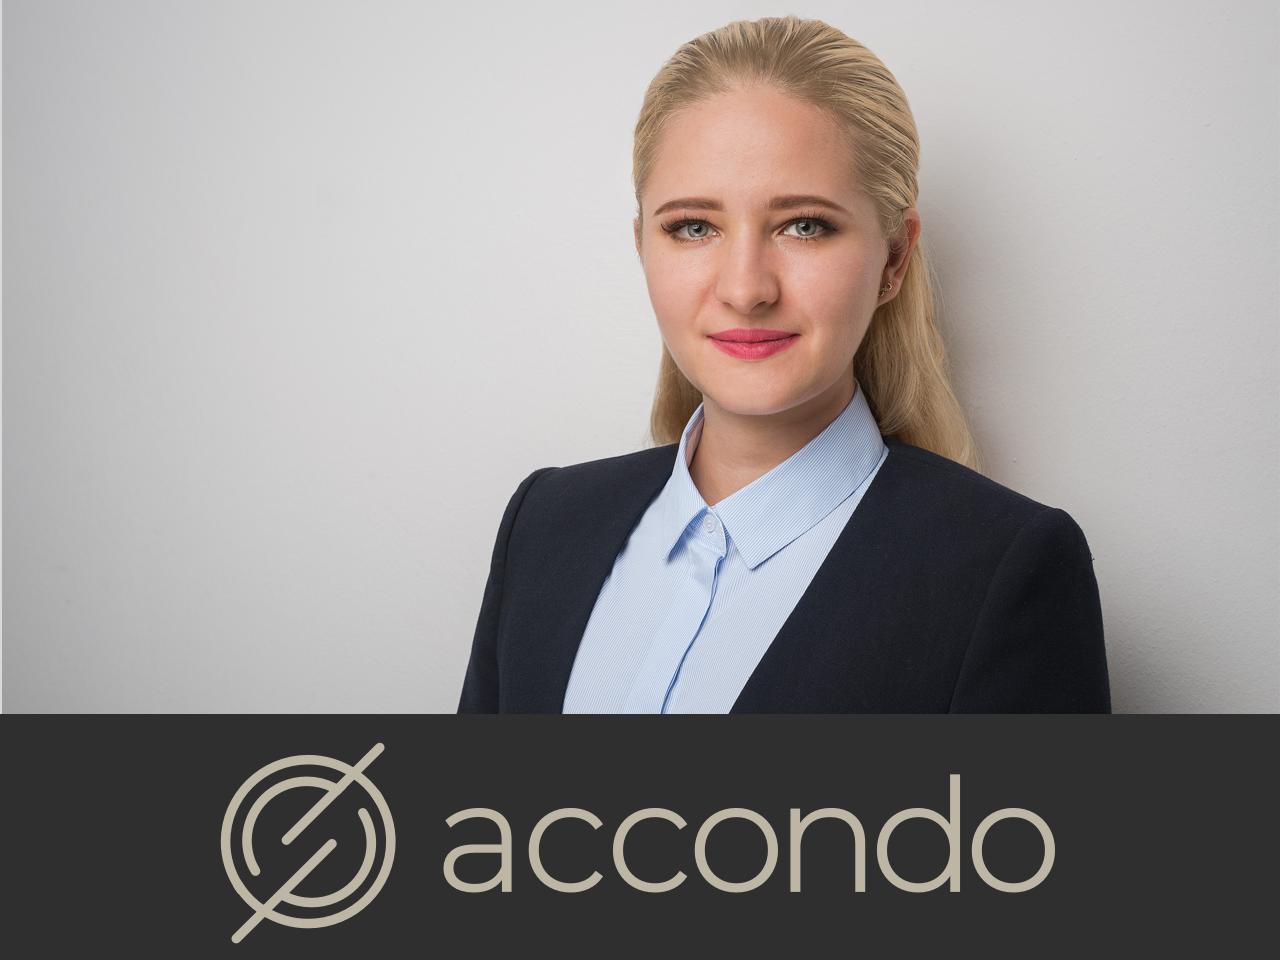 accondo services GmbH - Современный способ ведения Вашей бухгалтерии в режиме Online